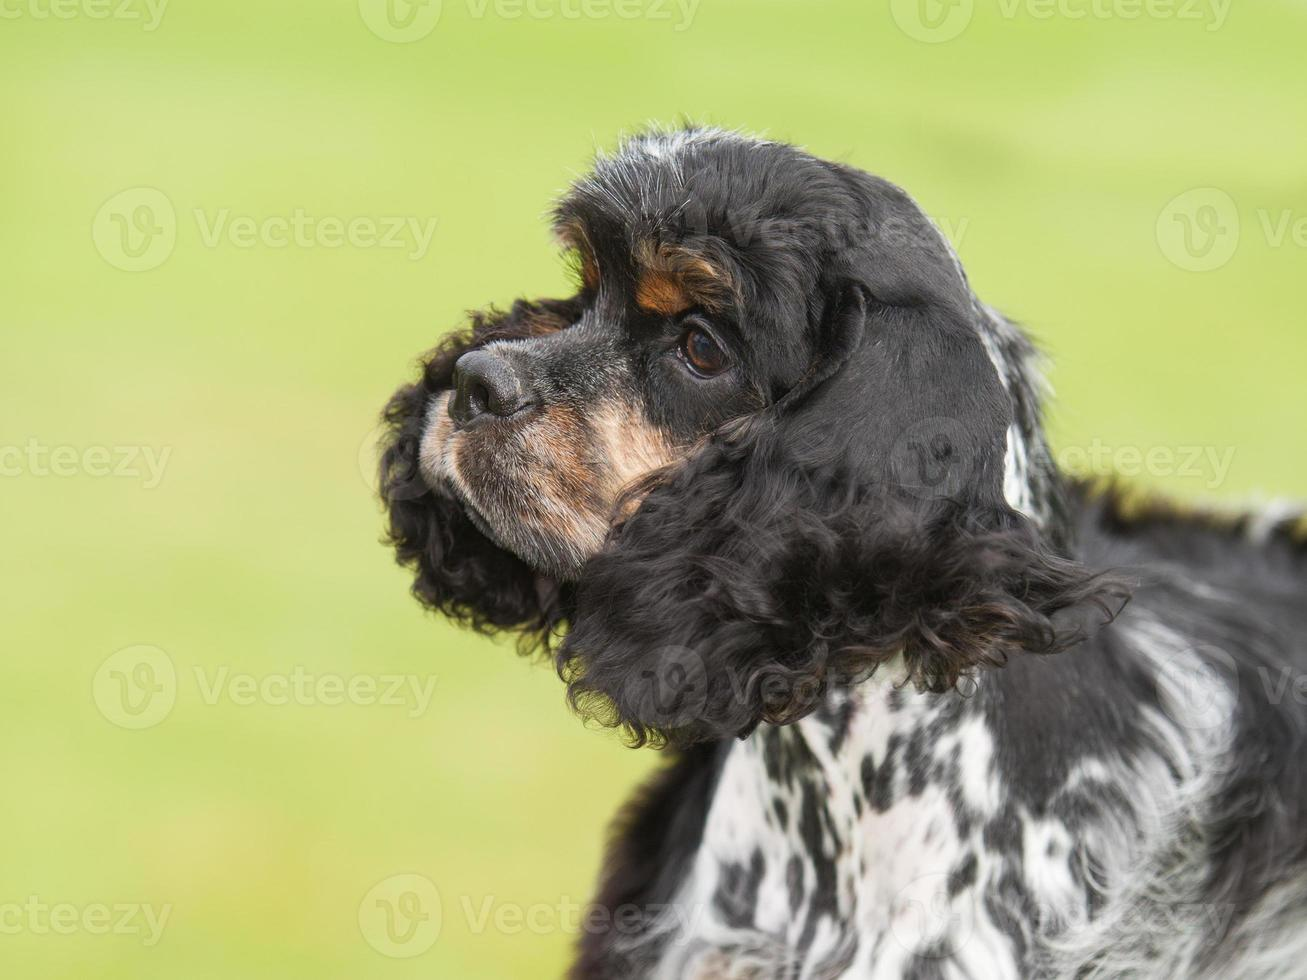 Ritratto di cucciolo cocker spaniel su sfondo verde foto